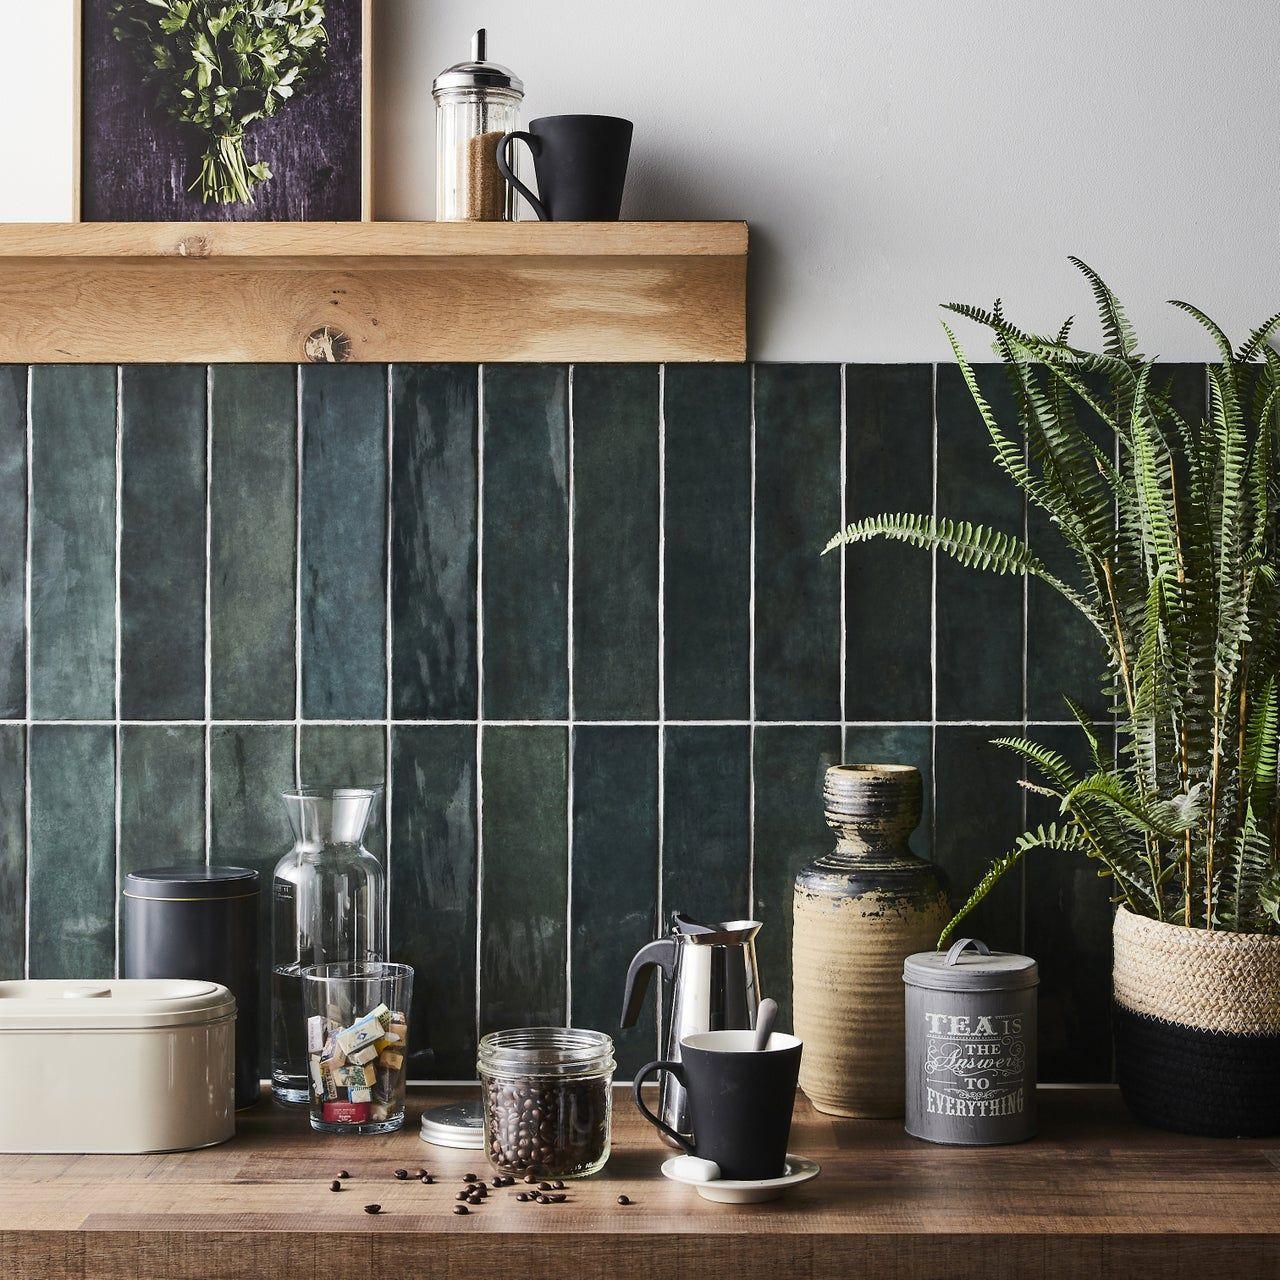 Carrelage Mur Forte Vert Fonce Brillant L 7 5 X L 30 Cm Bakerstreet Au Meilleur Prix En Stock Livraison En 2020 Murs Vert Fonce Carrelage Mural Cuisine Carrelage